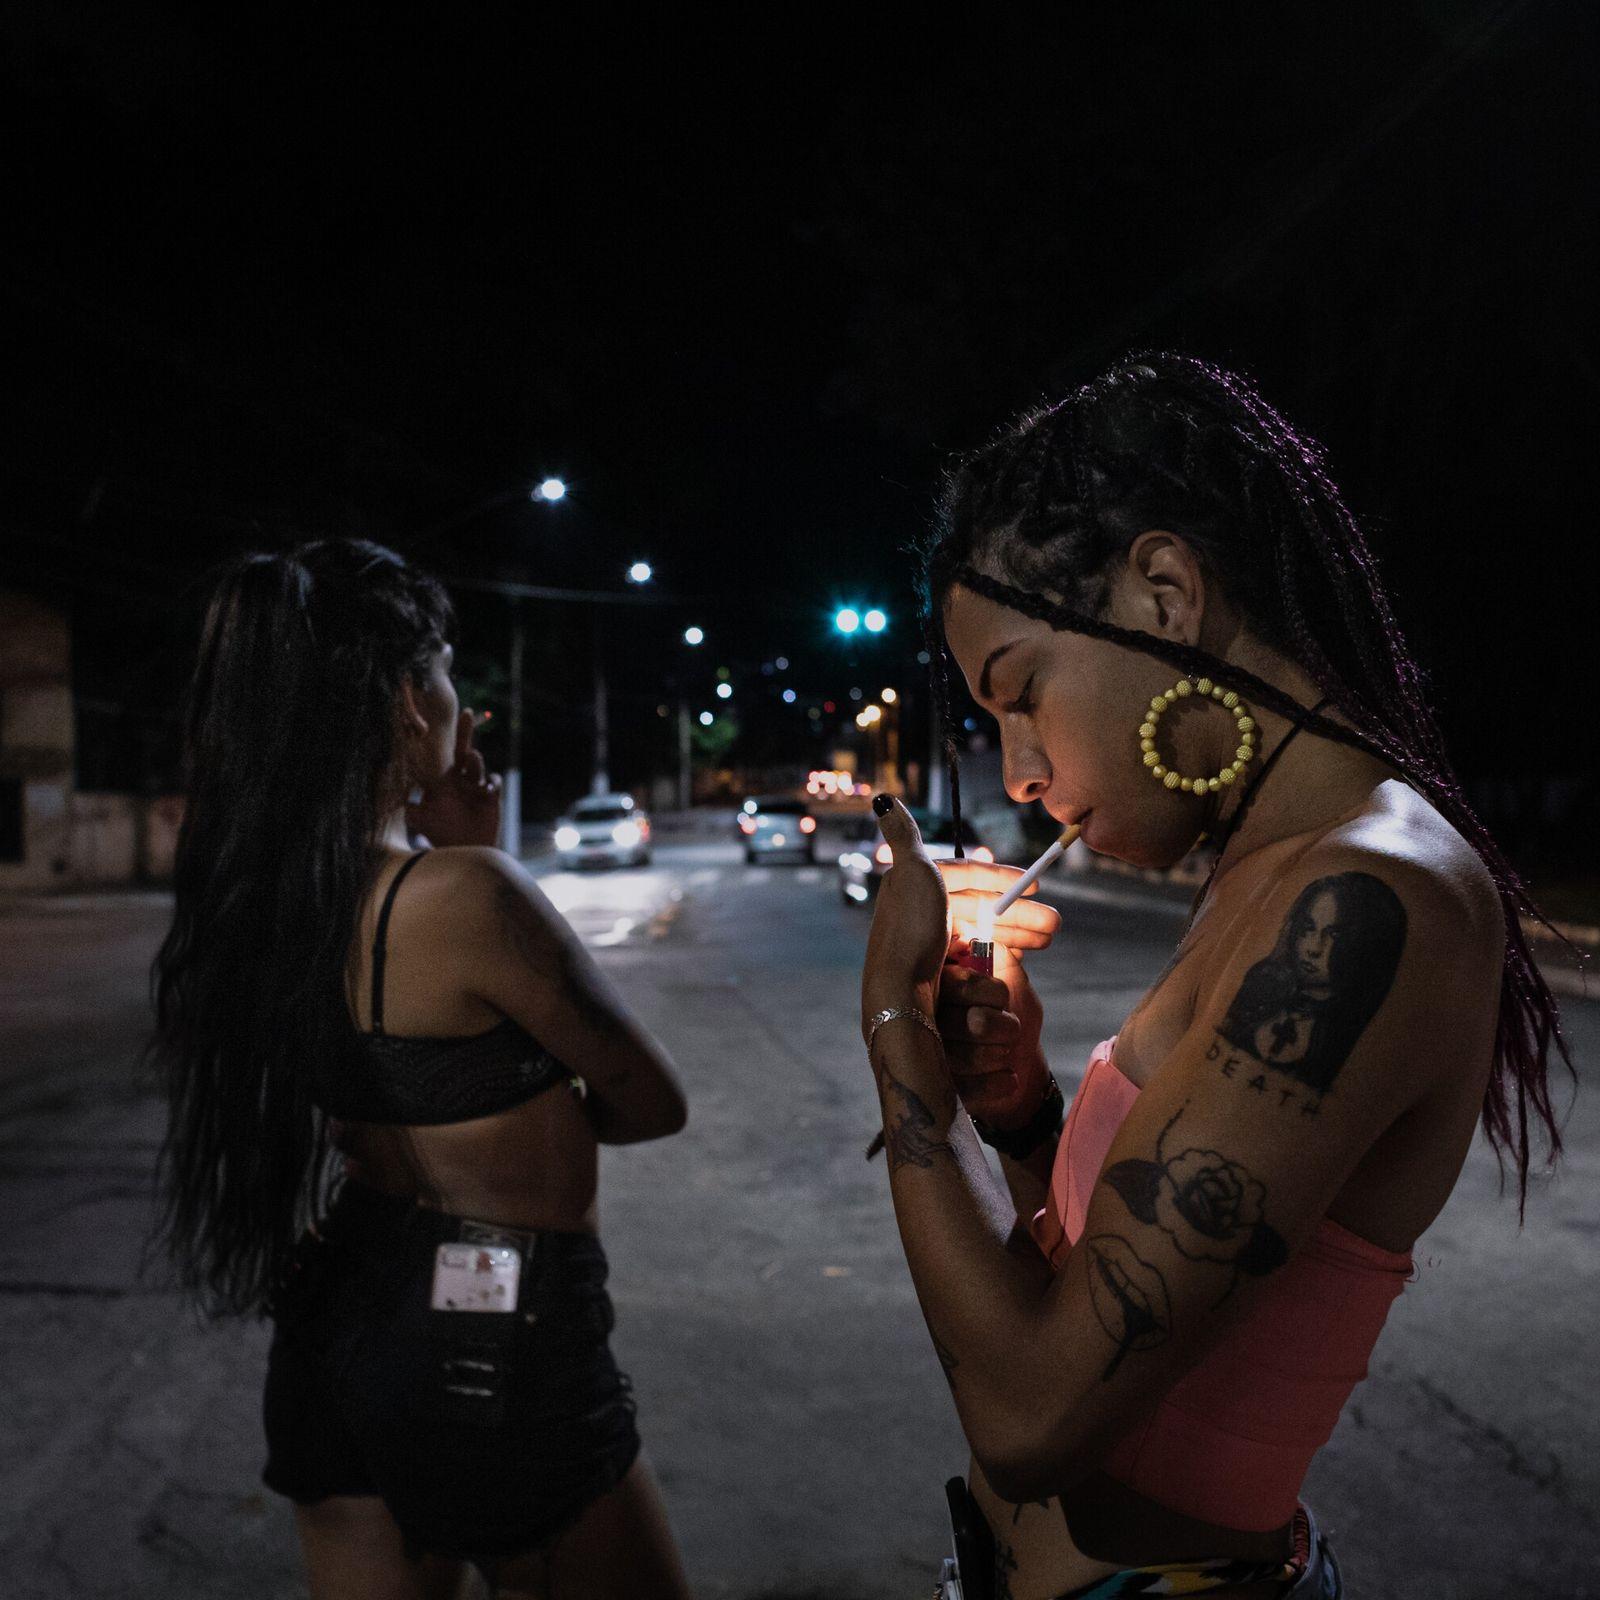 Celina, 19 anos, e Lourena, 21, moram em uma casa de acolhimento para mulheres trans em São Paulo ...